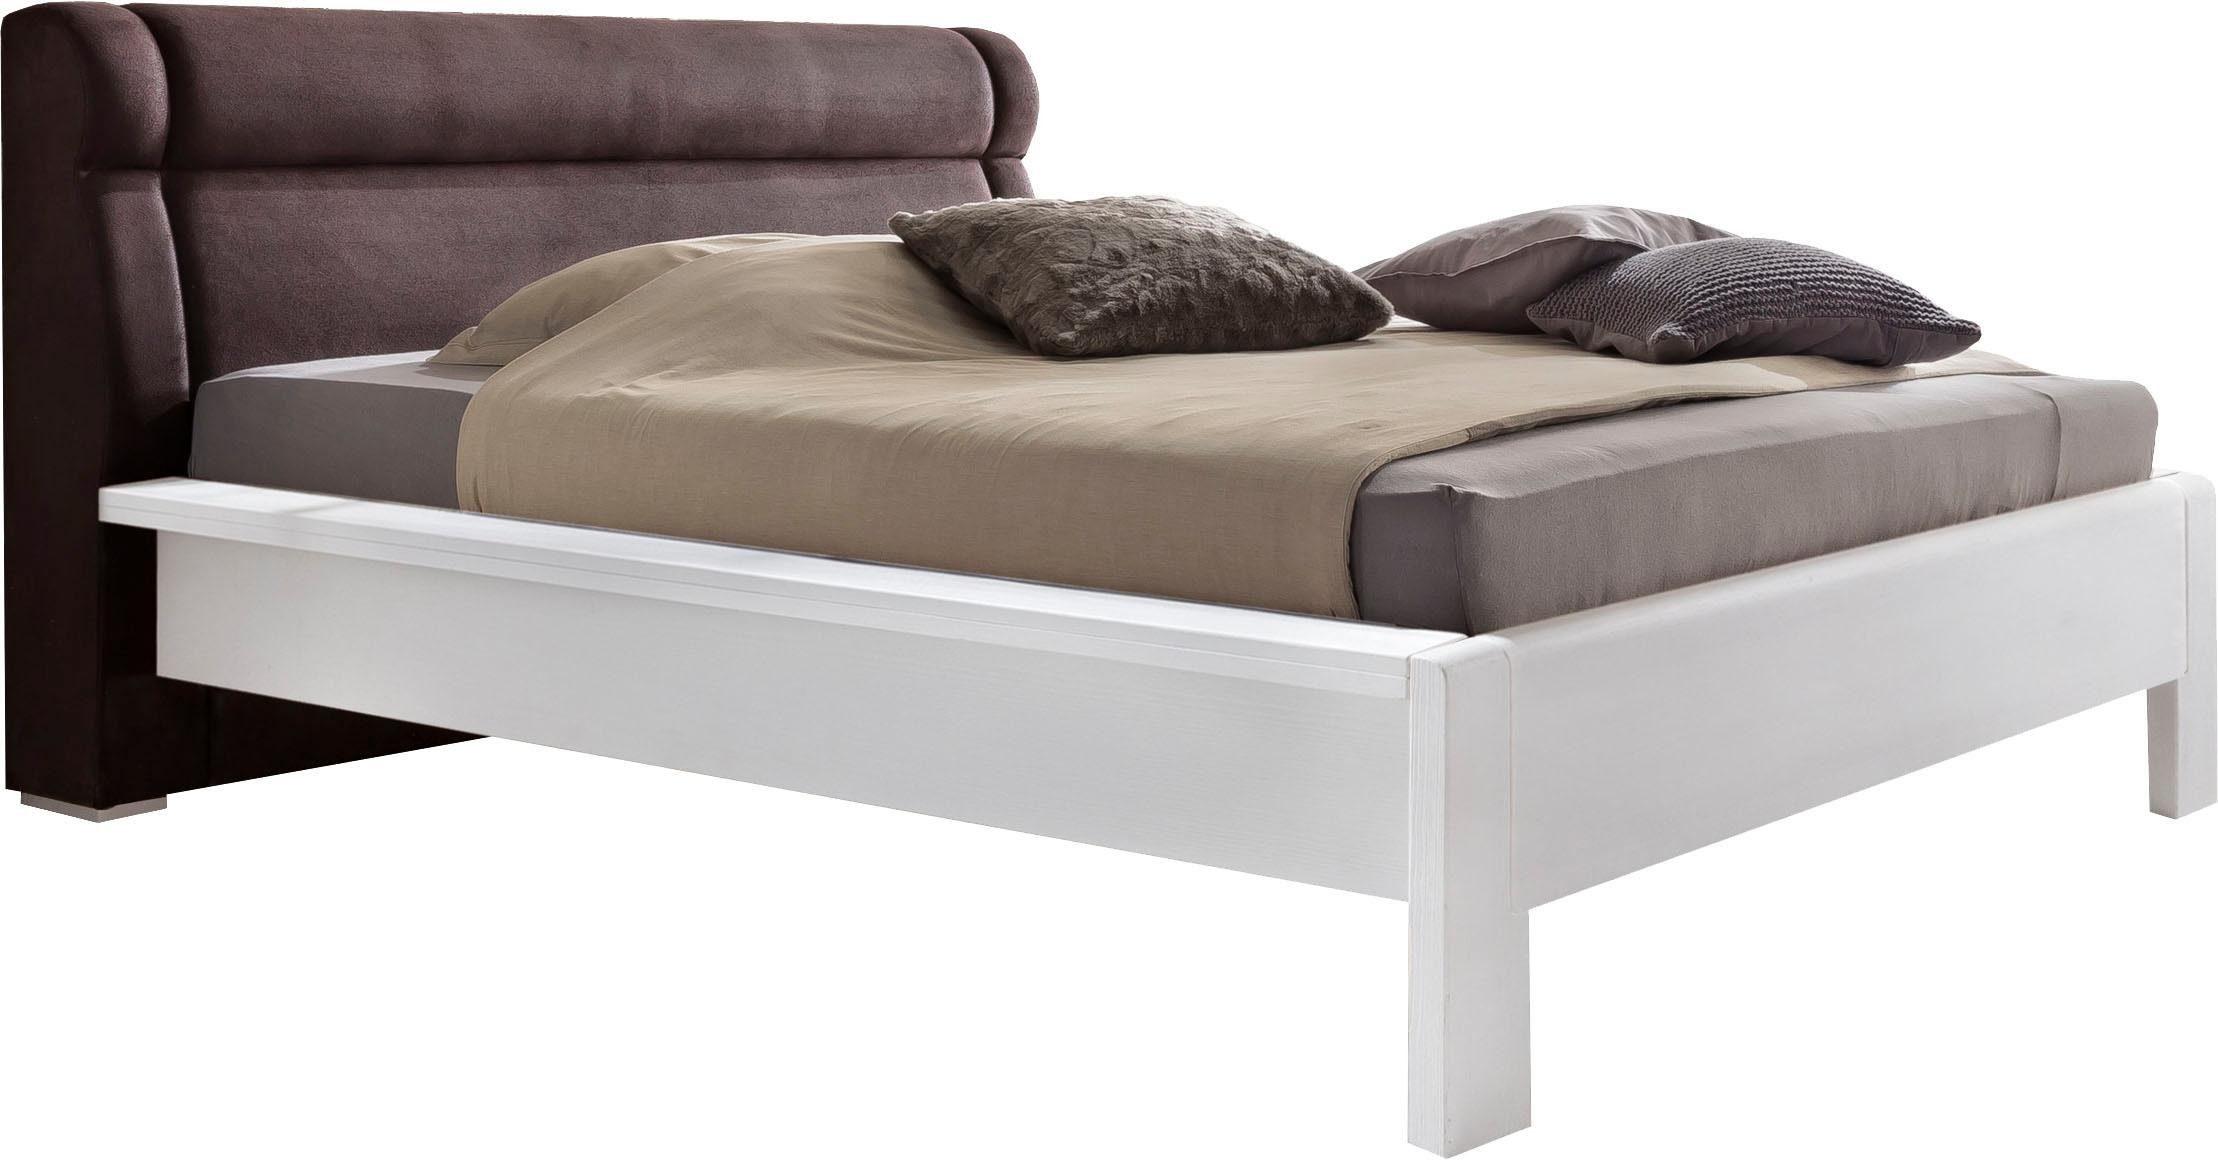 Premium Collection by Home affaire Bett 160x200 Bett »Mistral« mit gepolsterten Kopfteil